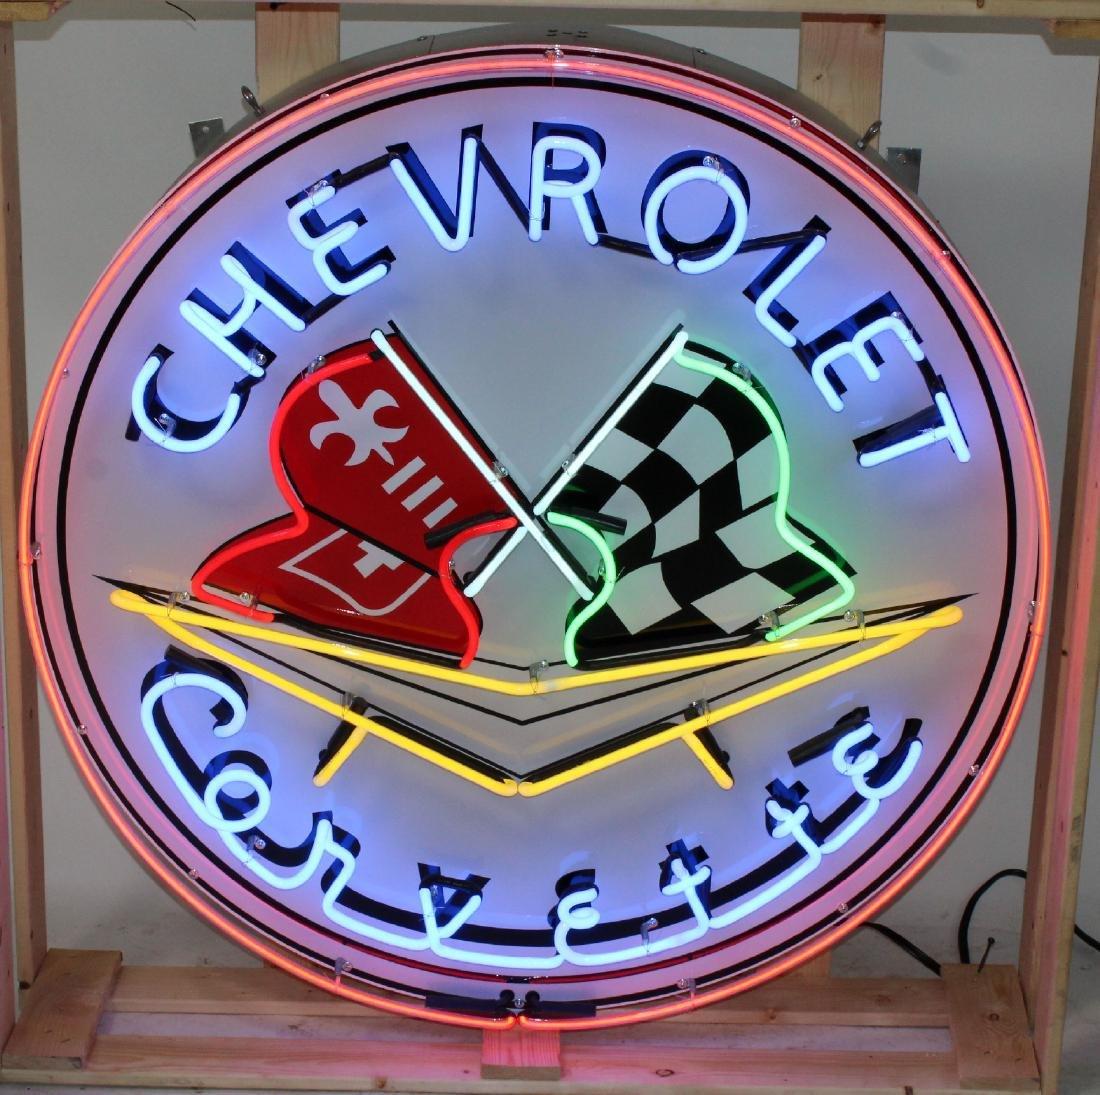 Corvette closed can neon sign